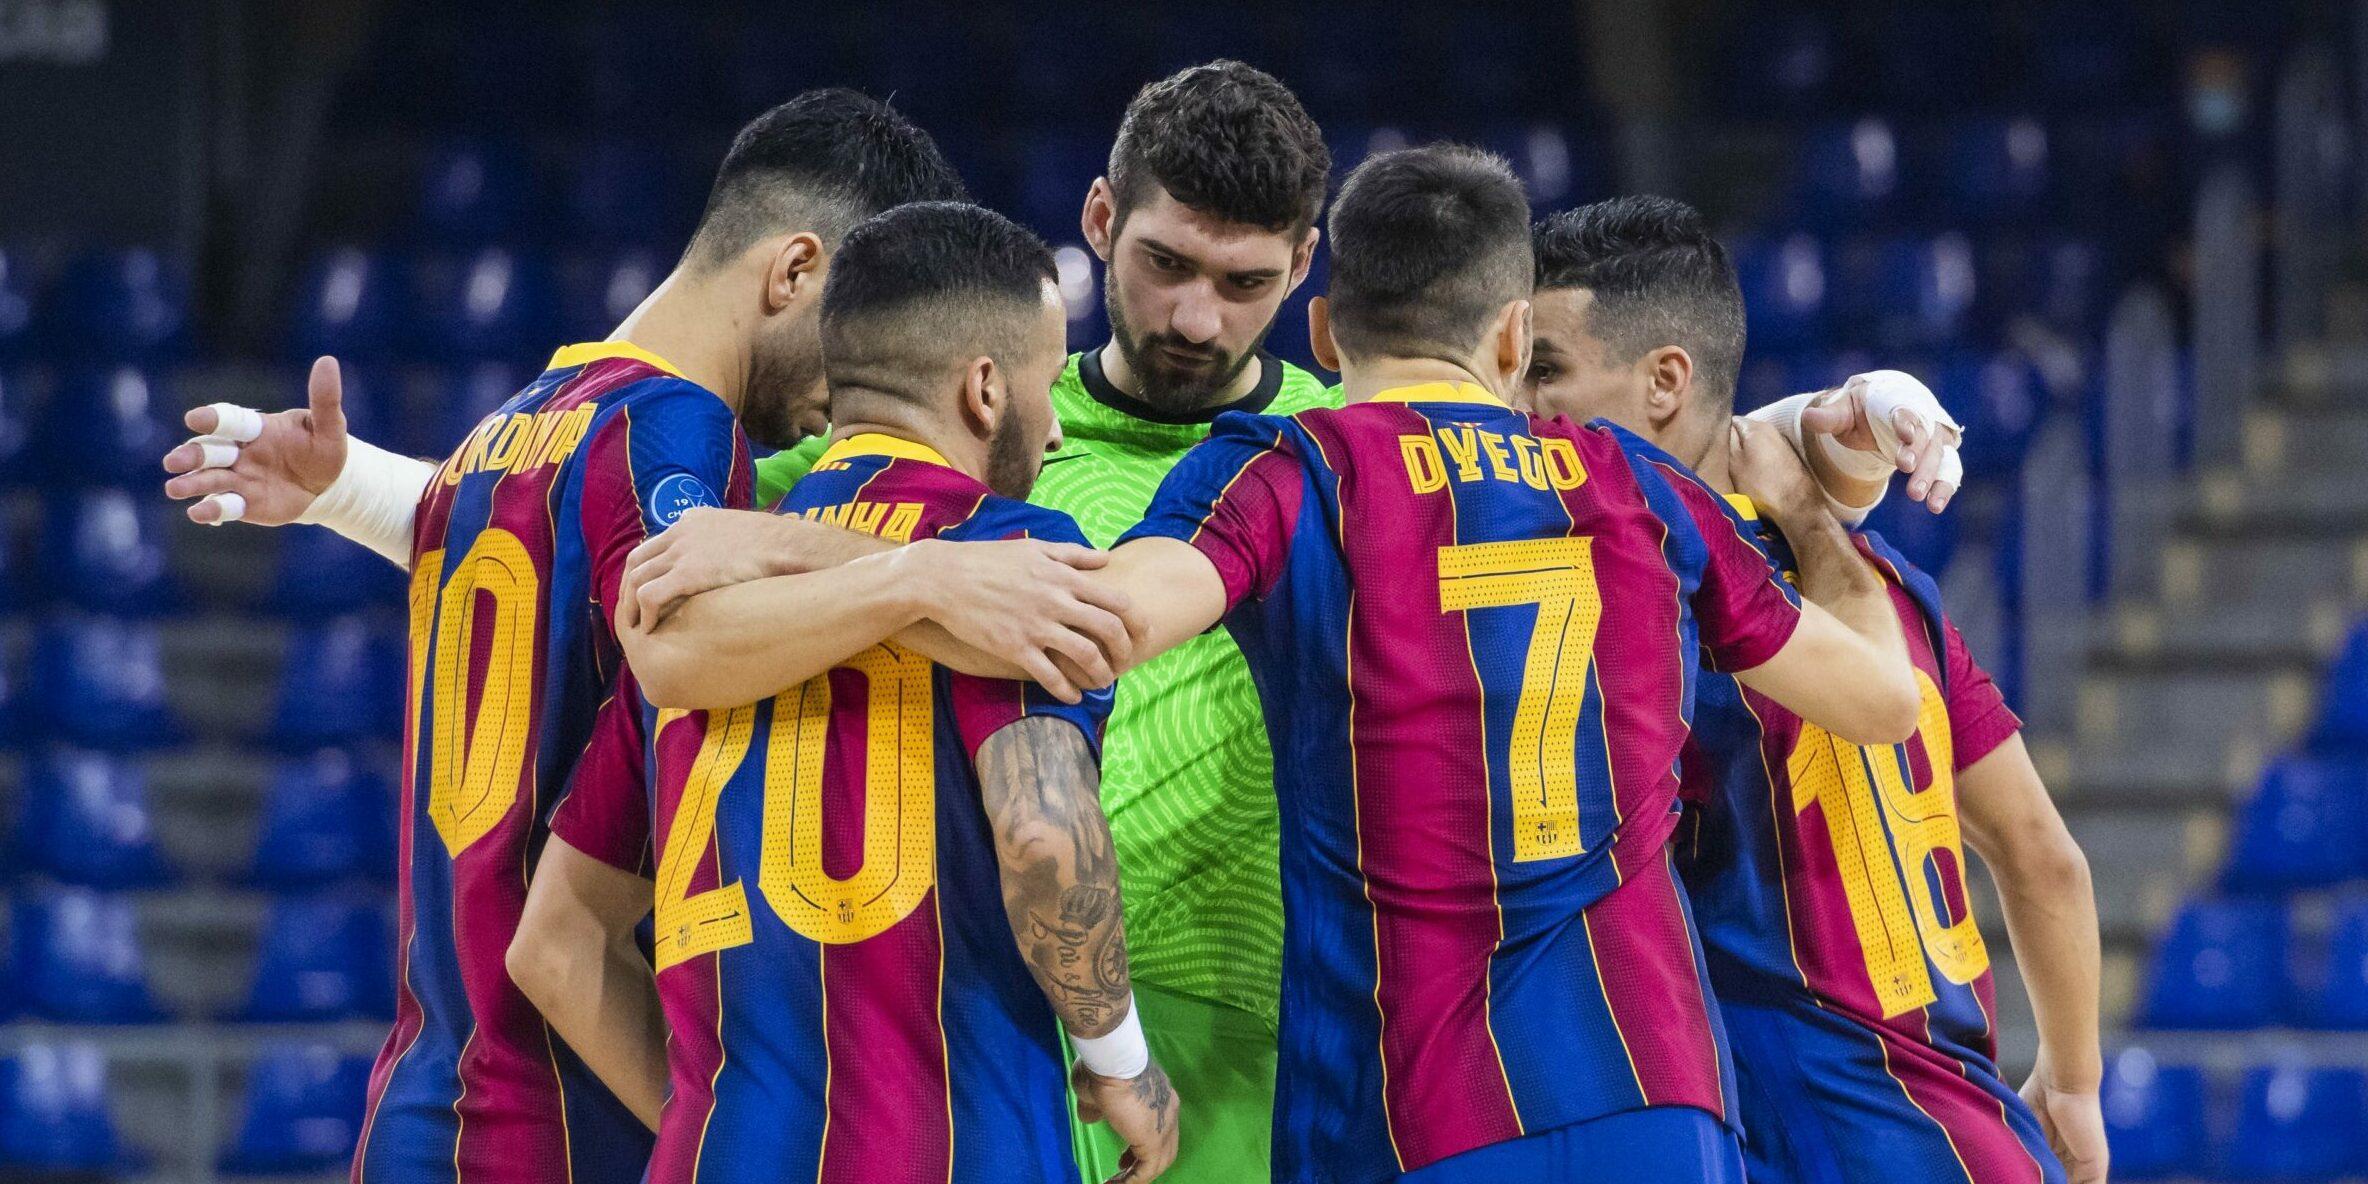 Els jugadors del Barça de futbol sala, abans d'un partit   FC Barcelona